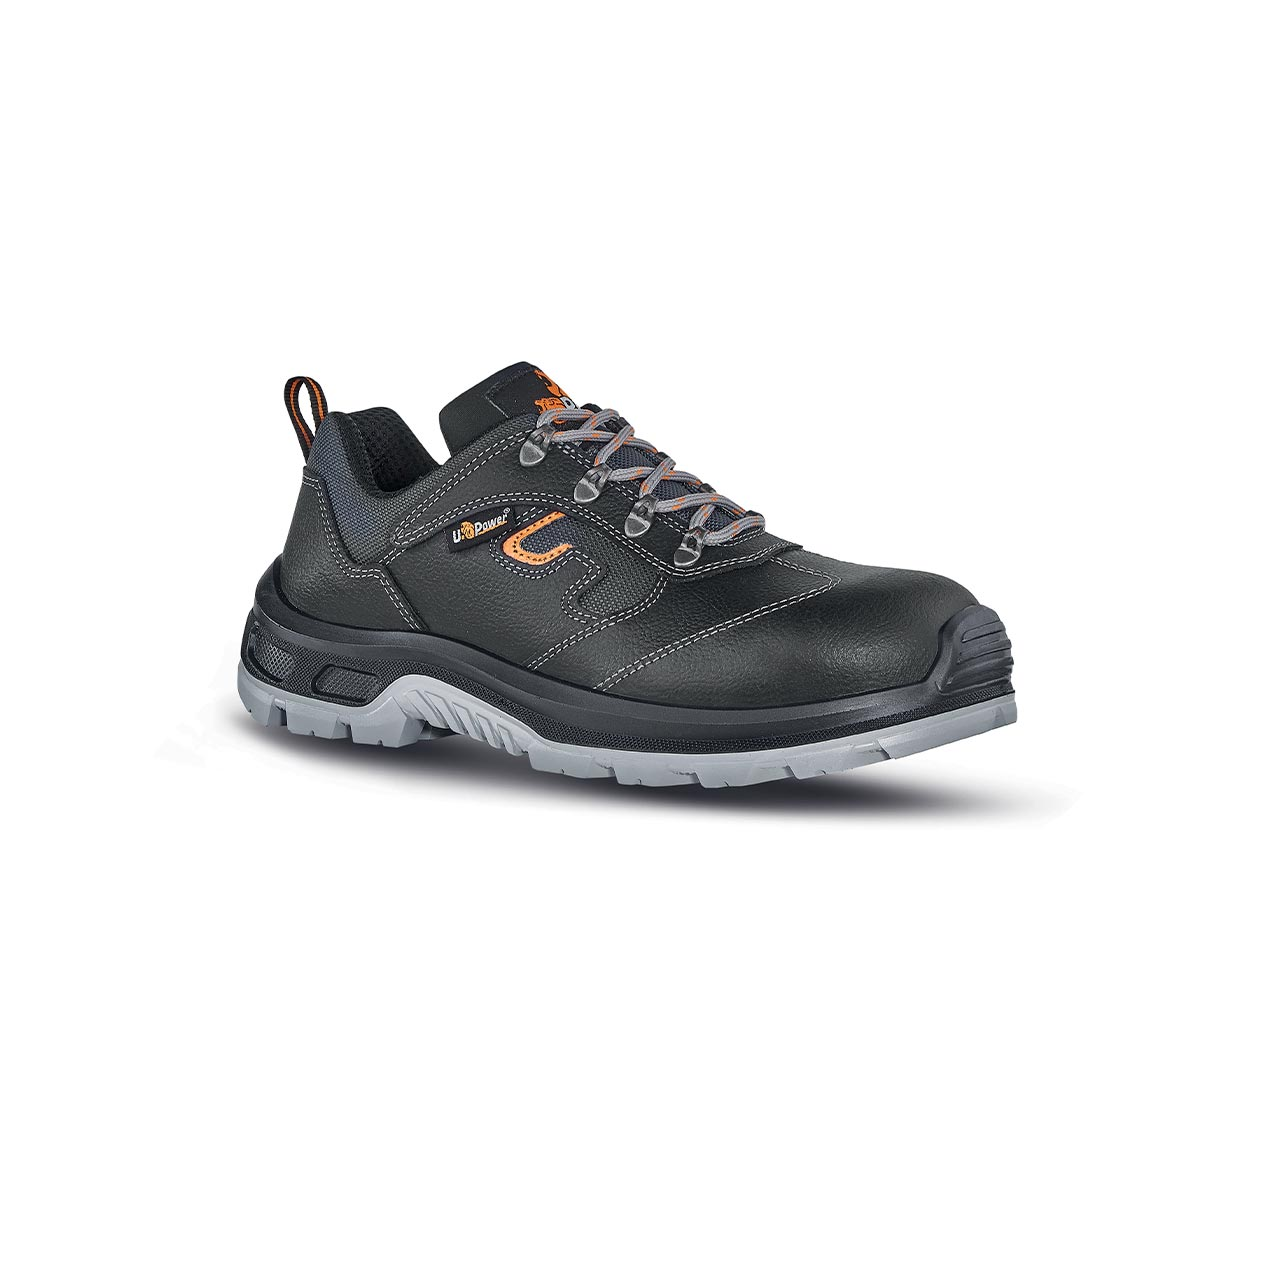 scarpa antinfortunistica upower modello solid linea stepone vista laterale